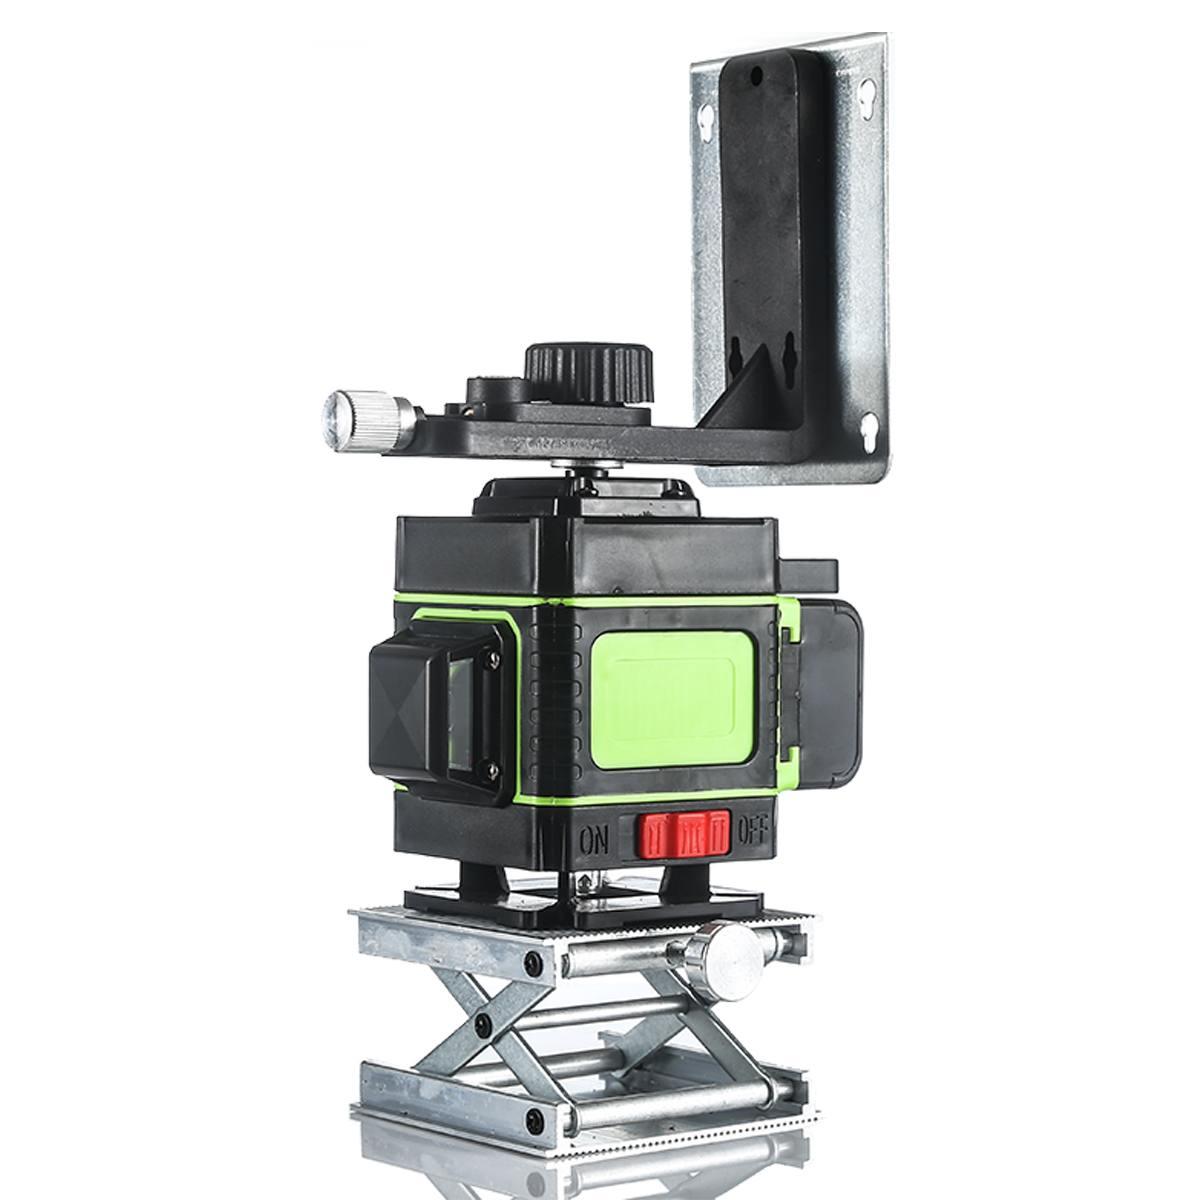 Лазерный уровень, 12 линий, уровень 3D, самонивелирующийся, вращающийся на 360 градусов, горизонтальный и вертикальный крест, синий лазерный уровень с пультом дистанционного управления